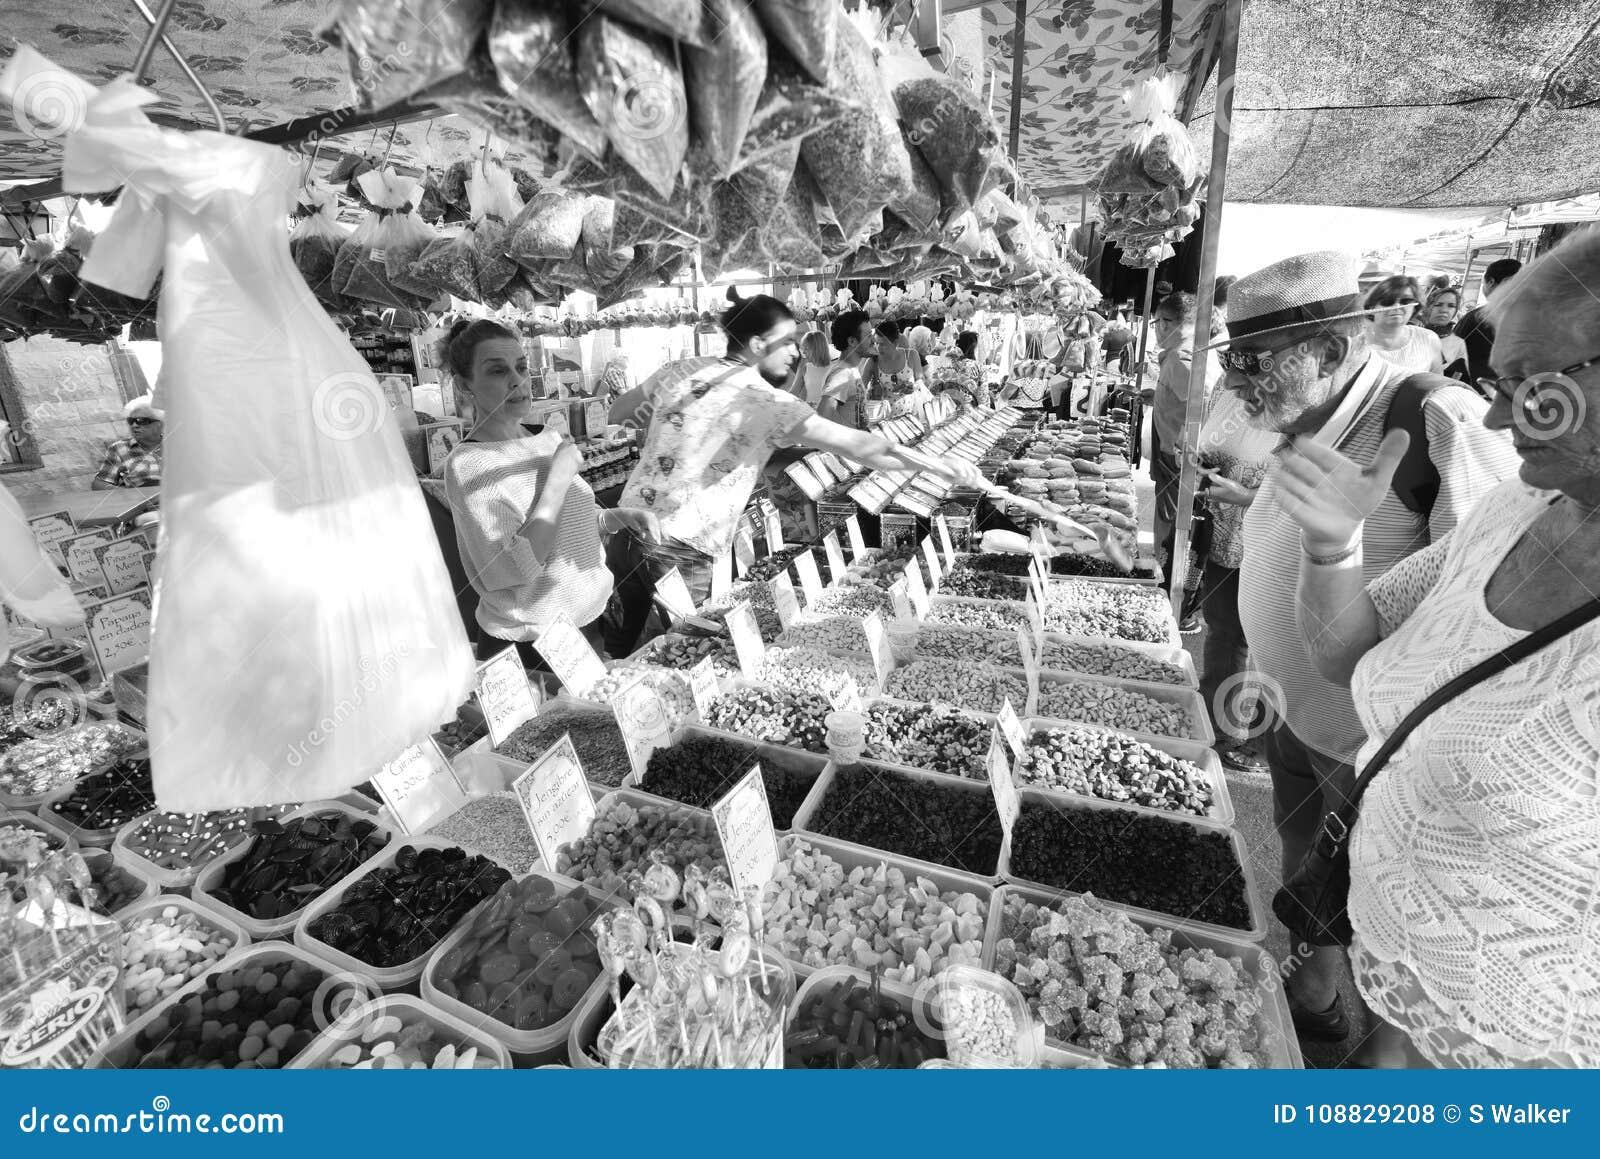 Haggling at the street market, Velez Malaga, Spain.